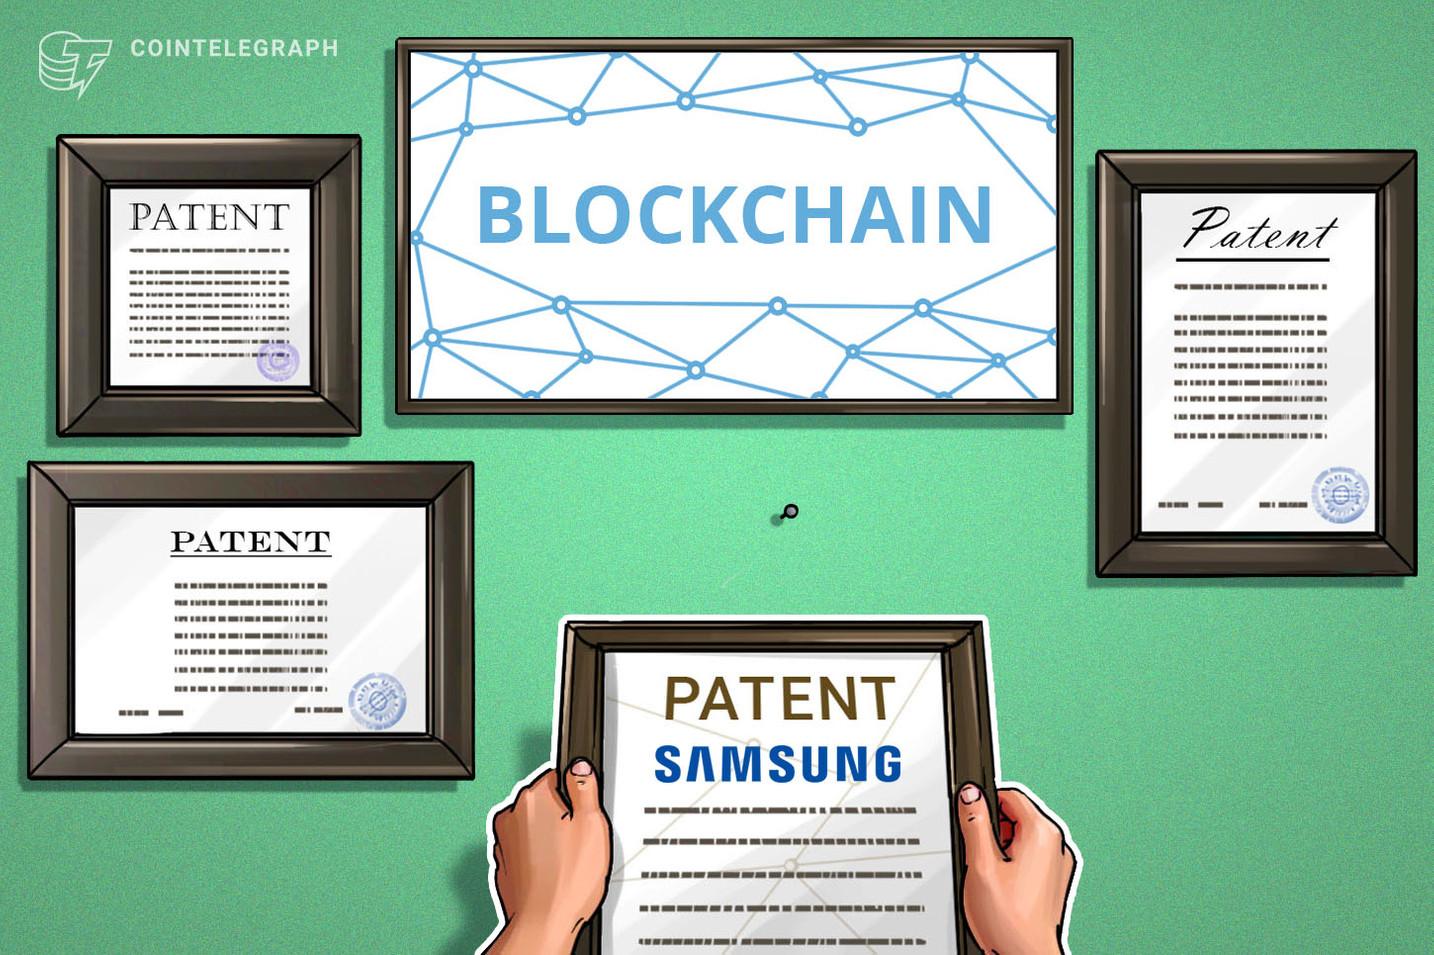 Samsung Programlanabilir Blockchain Katı Hal Sürücüsü için Patent Başvurusu Yaptı